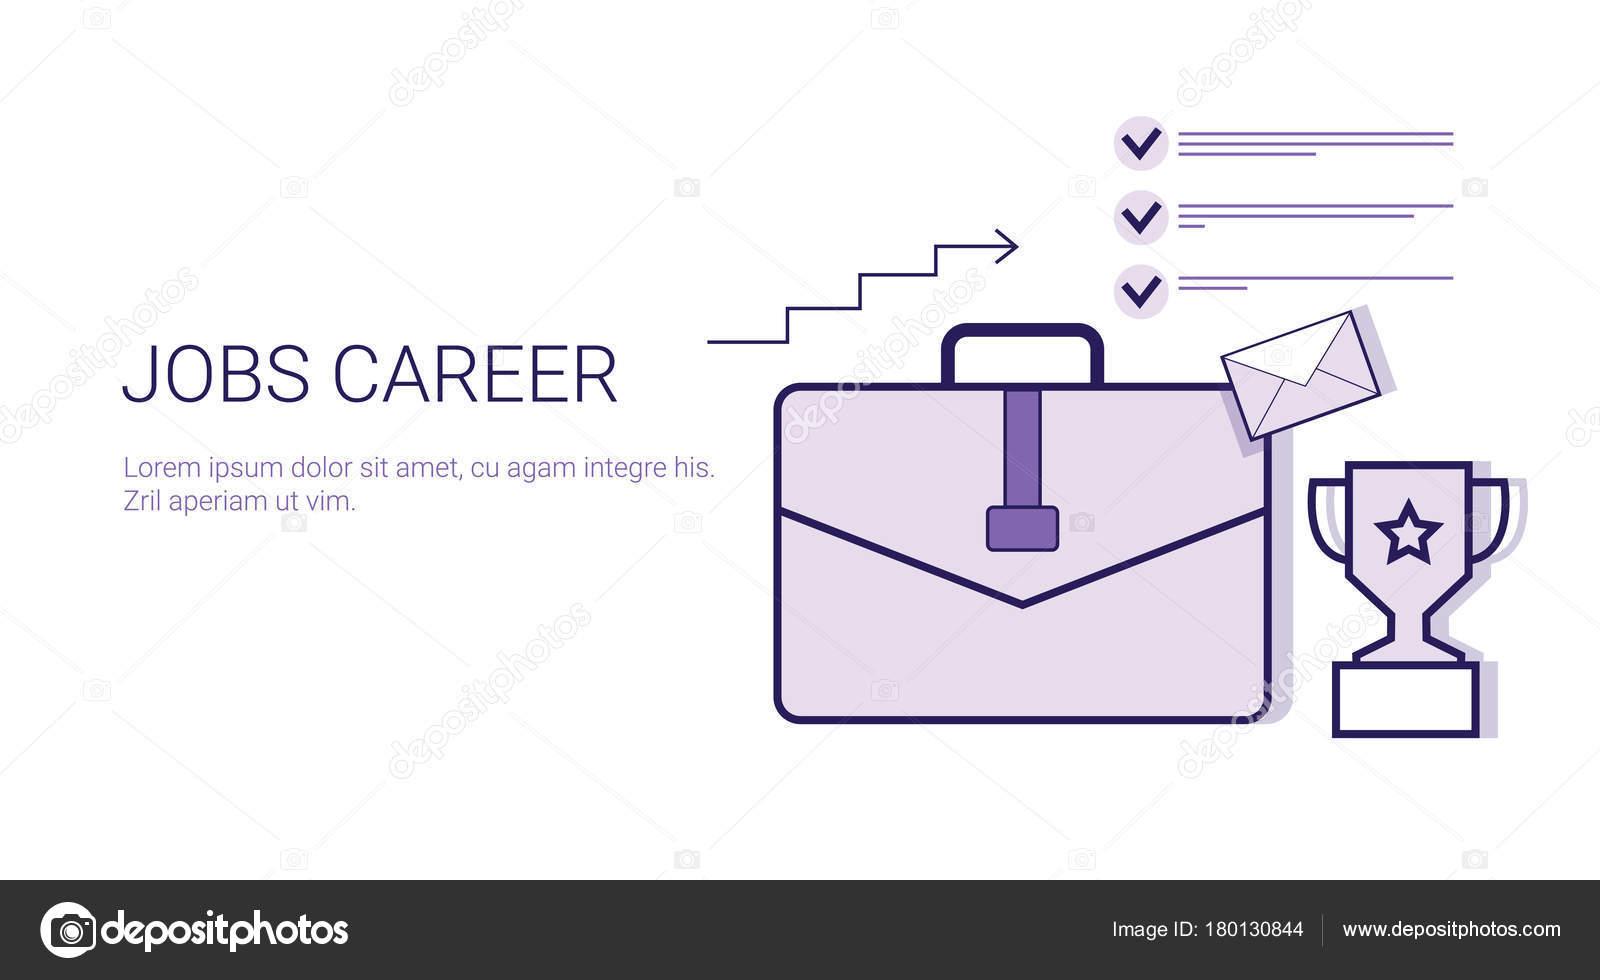 Trabajo carrera desarrollo Personal empresarial concepto Web Banner ...